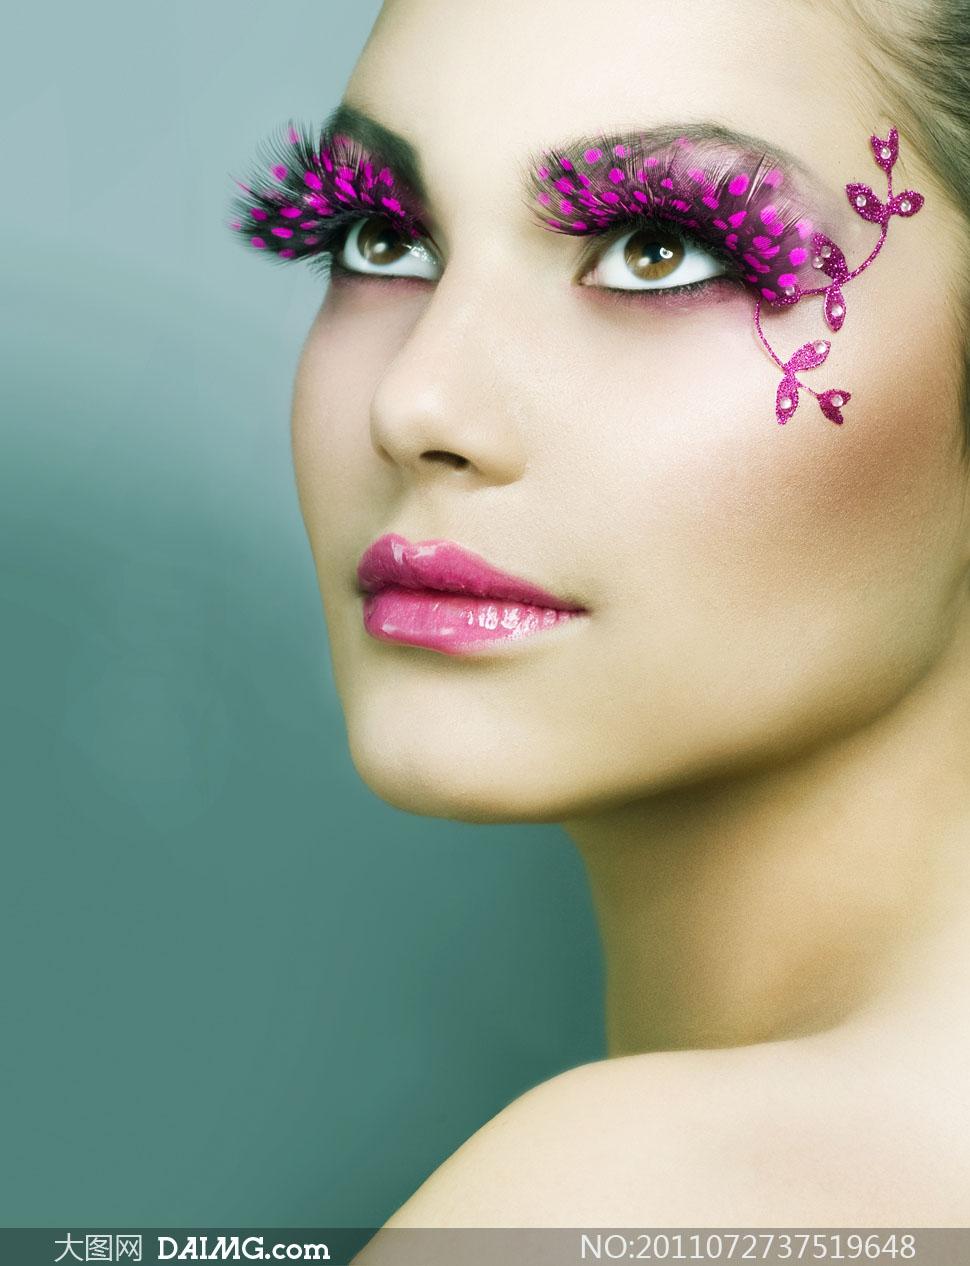 睫毛眼妆彩绘美女人物高清摄影图片